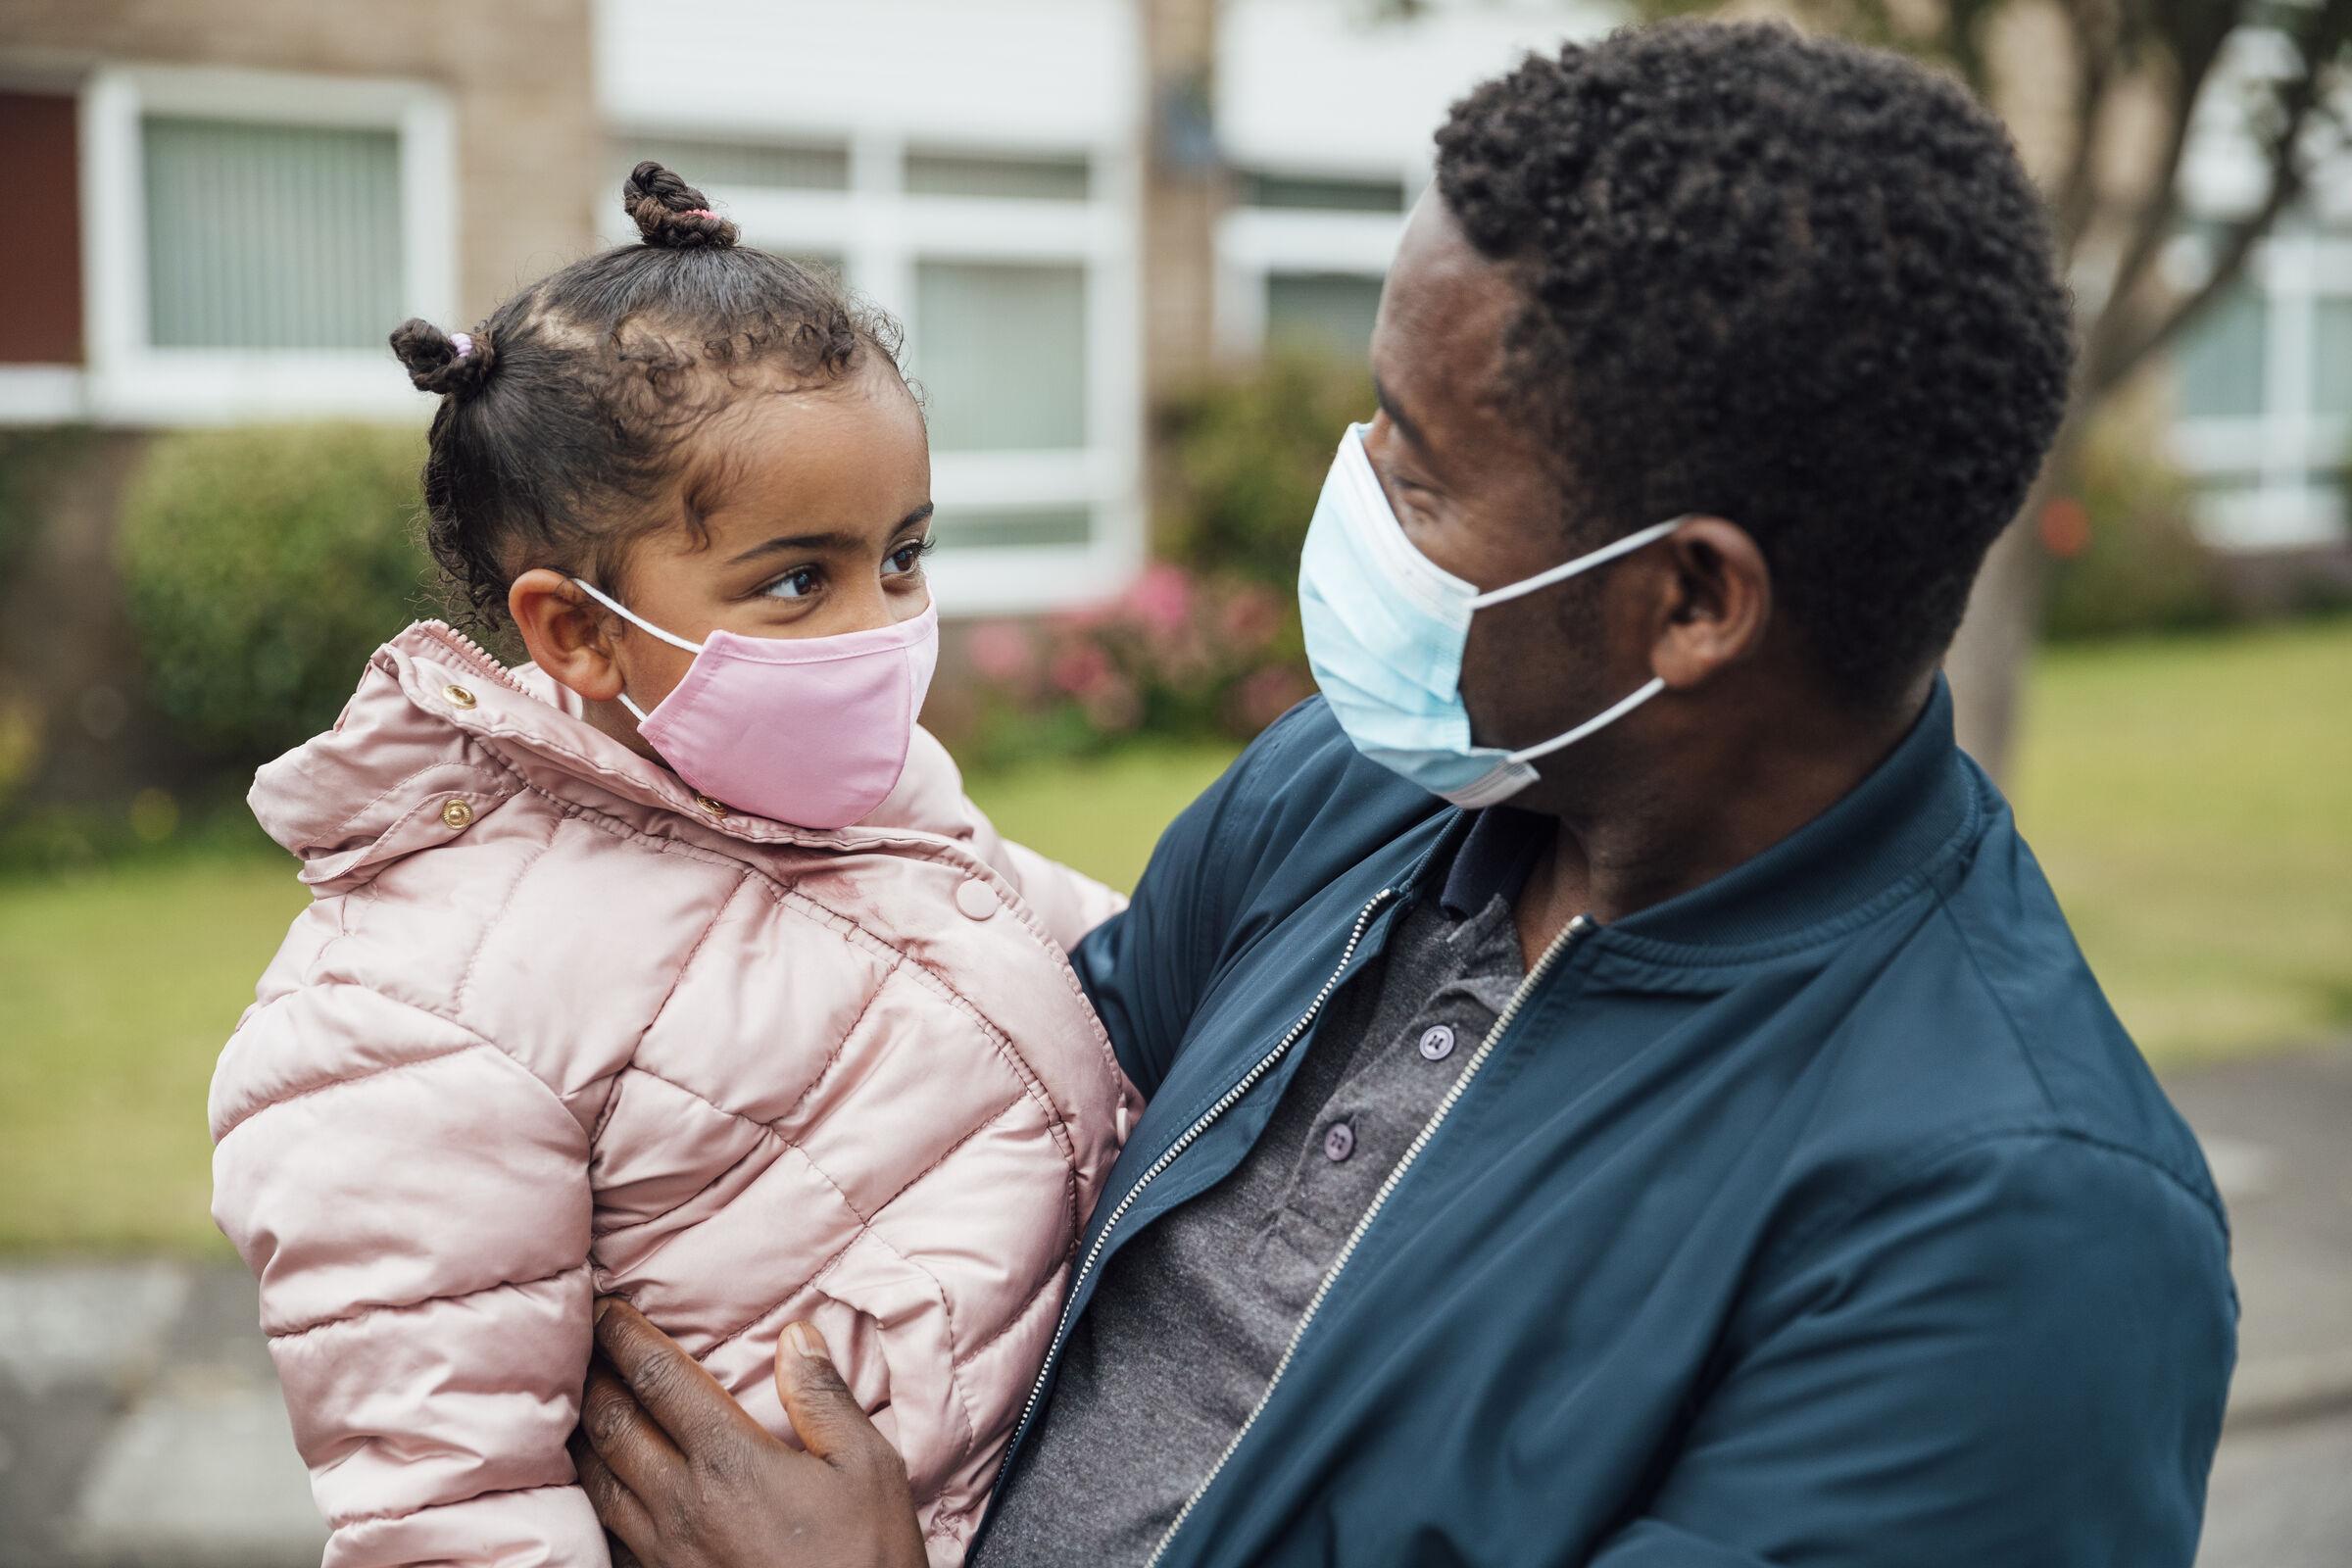 Estudo: adultos vacinados contra covid-19 protegem indiretamente crianças